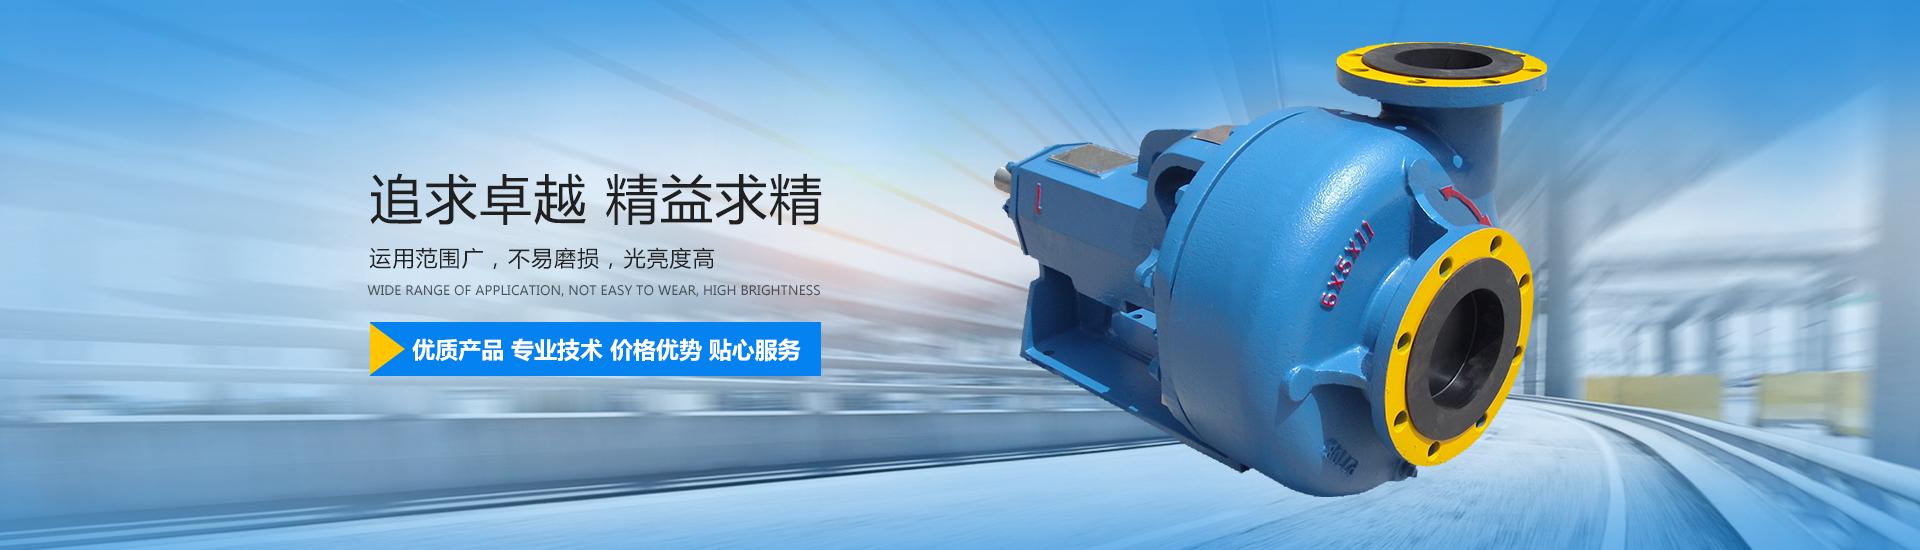 中文焦点图3